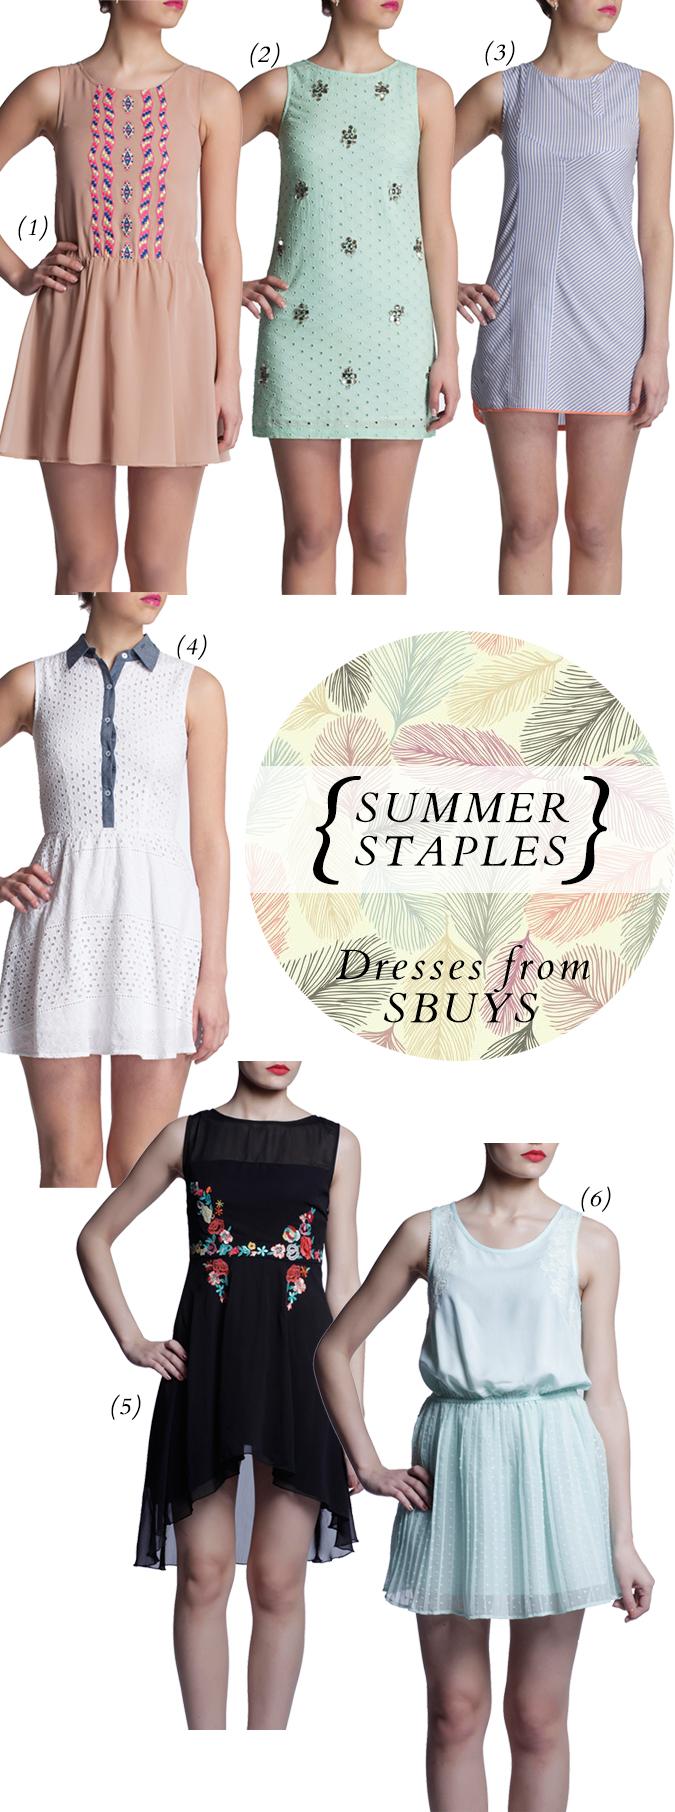 Summer Staples   Dresses   SBUYS